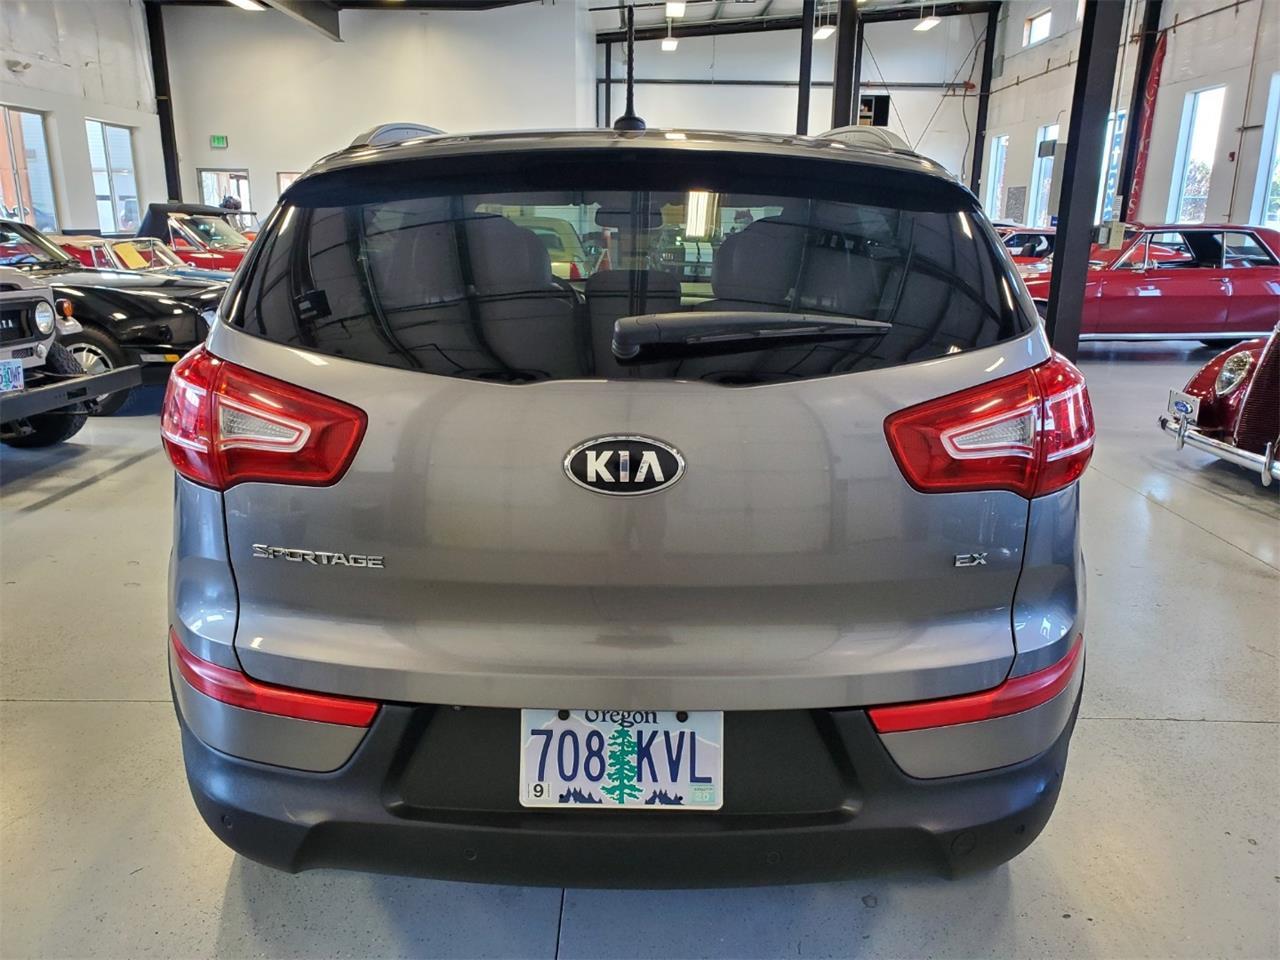 2013 Kia Sportage (CC-1386119) for sale in Bend, Oregon